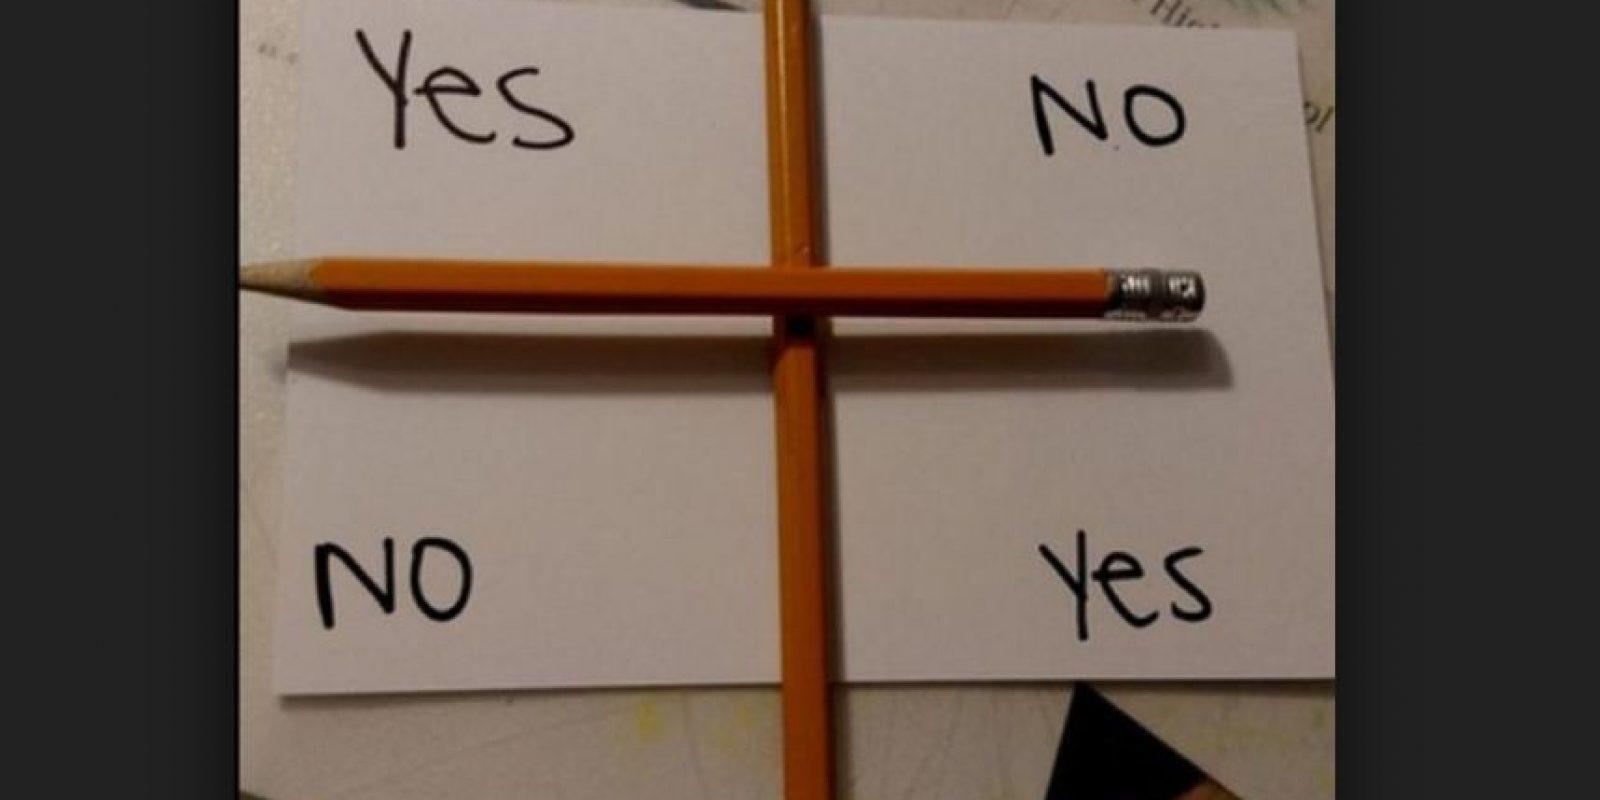 Entonces, el lápiz que está encima se movería, señalando la respuesta. En muchas ocasiones no se tenía éxito. Todo resultó ser estratagema publicitaria. Foto:Twitter. Imagen Por: